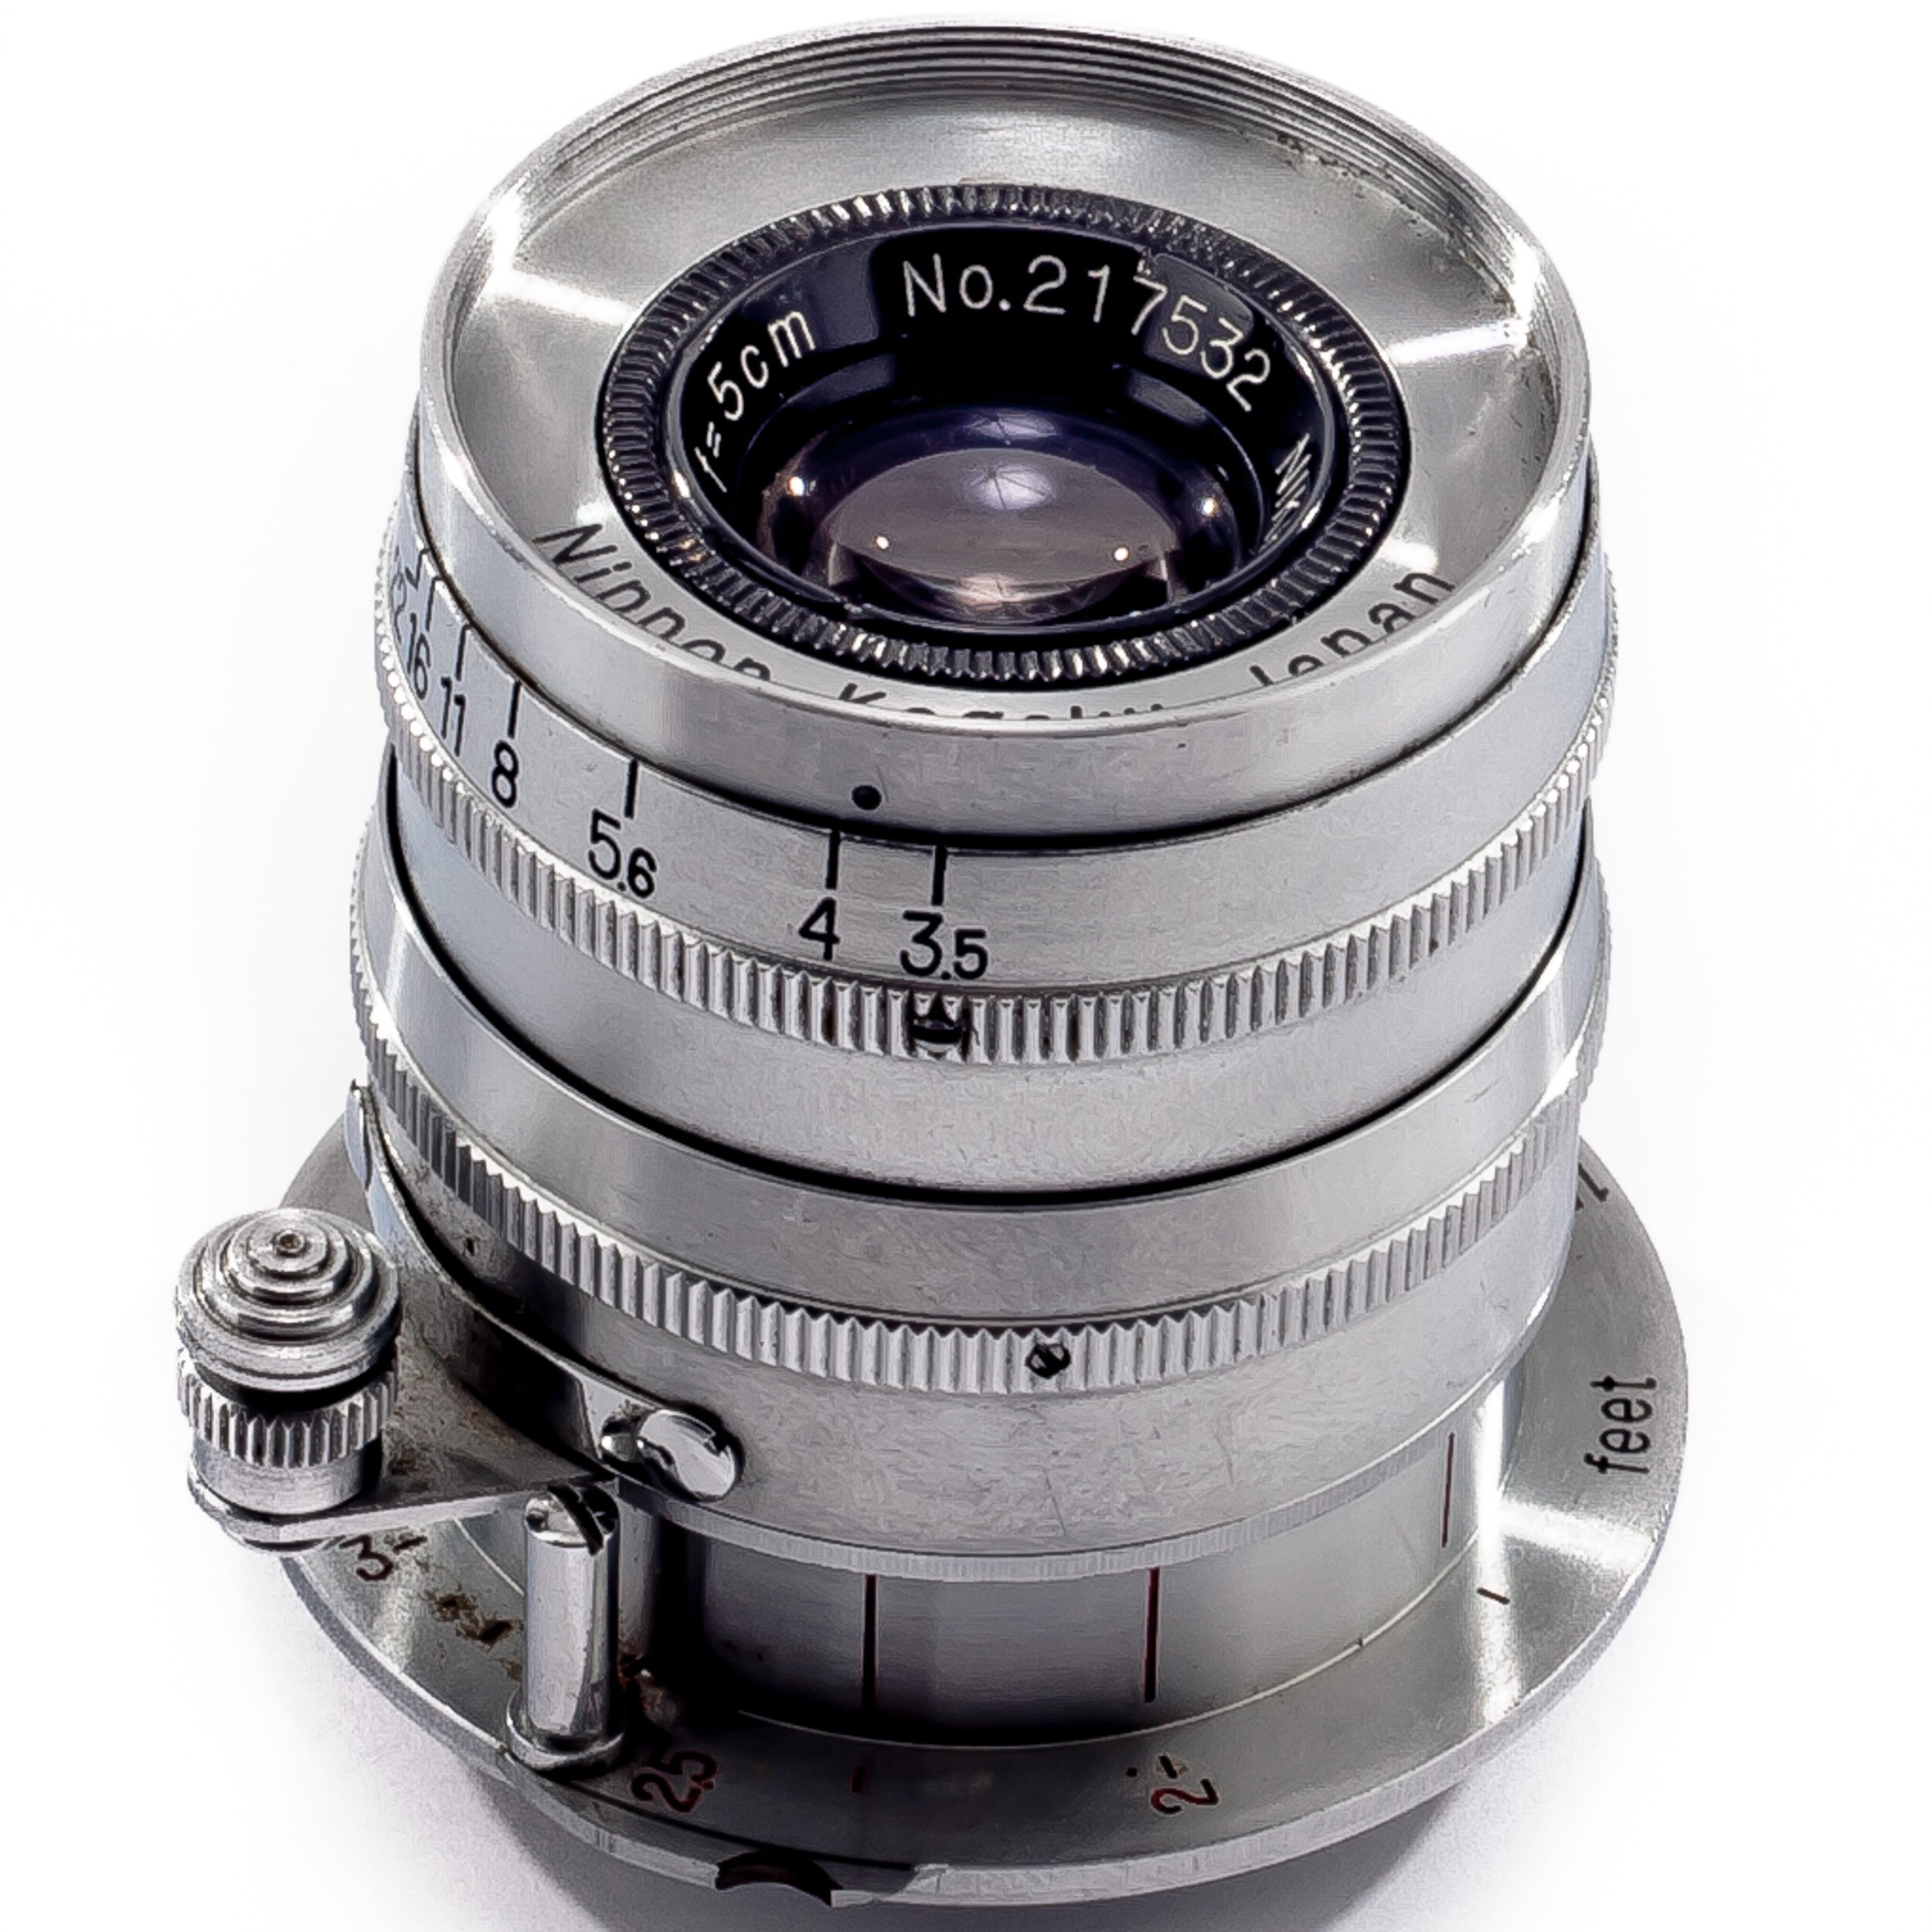 Nippon Kogaku 5cm F3.5 M39